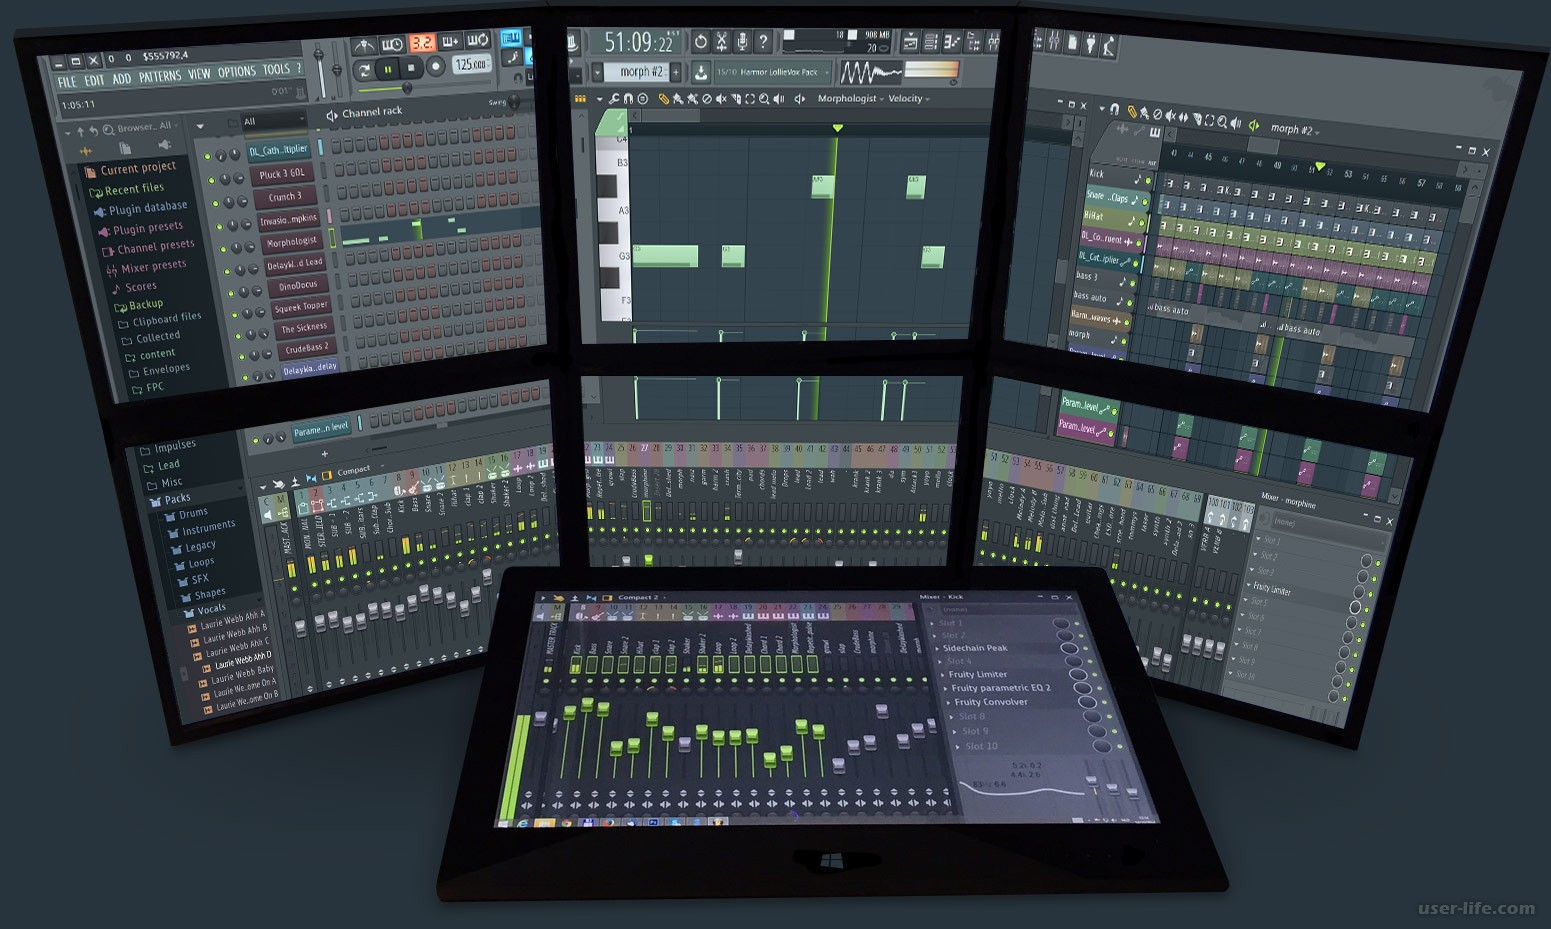 Создание сайтов электронная музыка скачать бесплатно прайс лист создание web сайтов